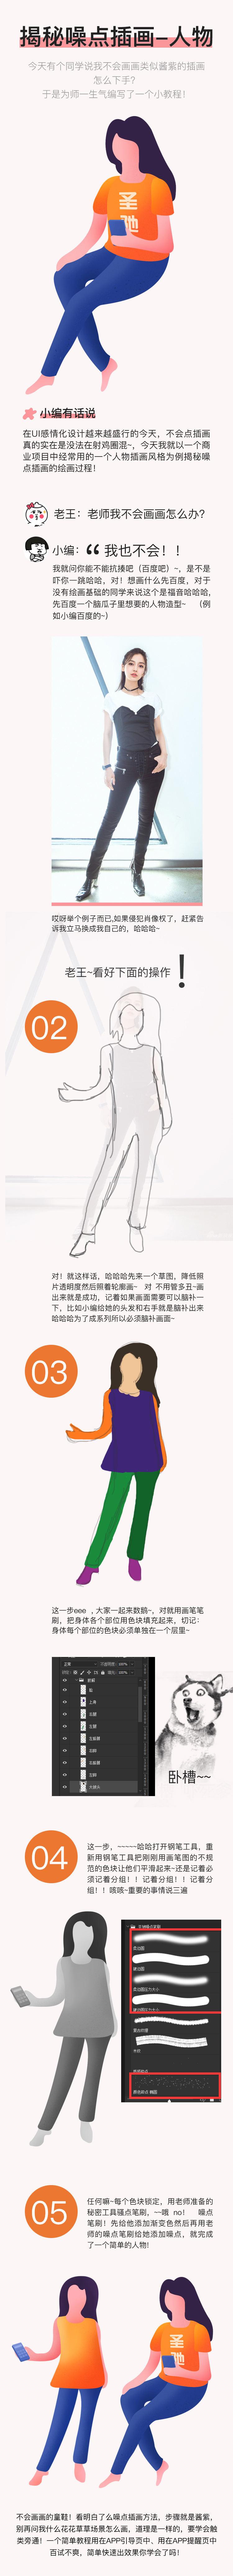 人物插画绘制